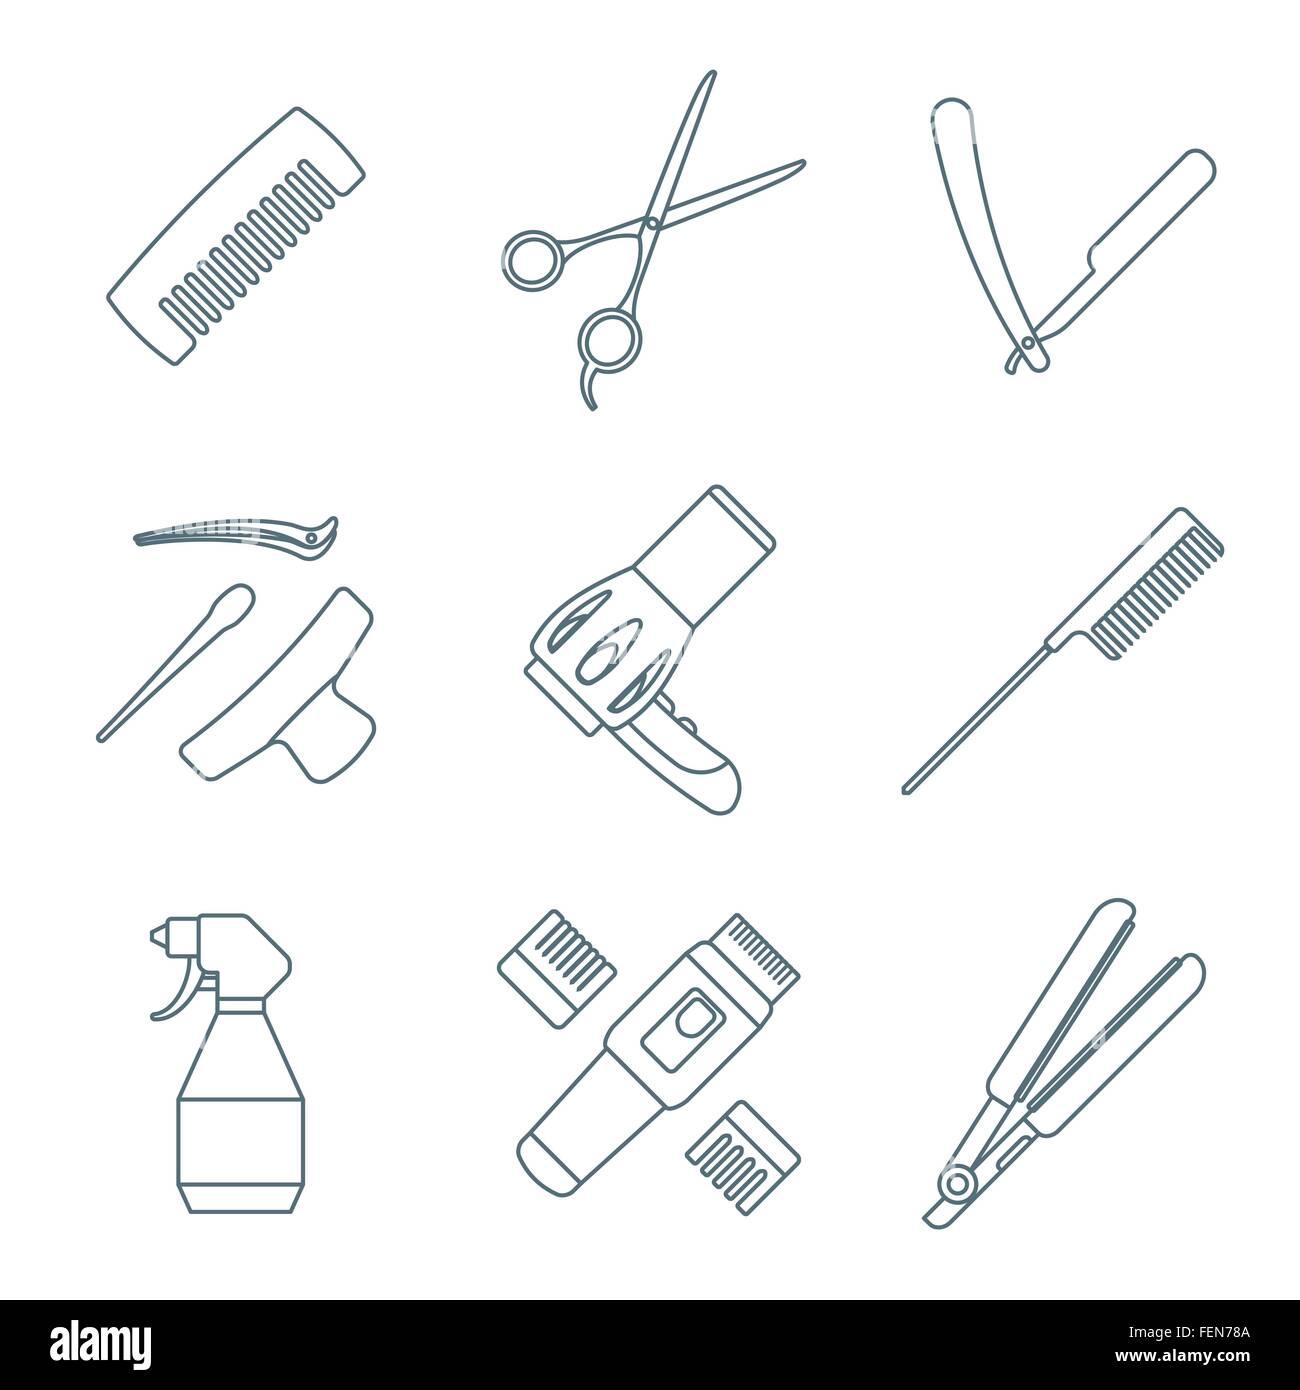 Vektor Friseur Friseur Werkzeuge Geräte dunkelgrau Gliederung ...